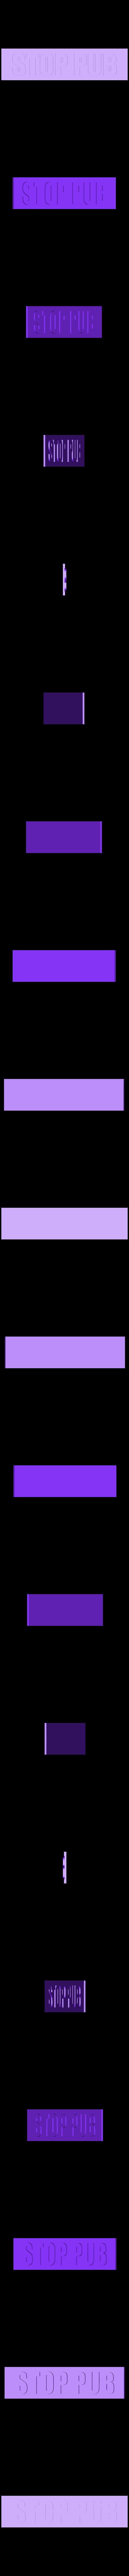 01.stl Télécharger fichier STL gratuit Stop pub • Objet pour imprimante 3D, Vincent6m